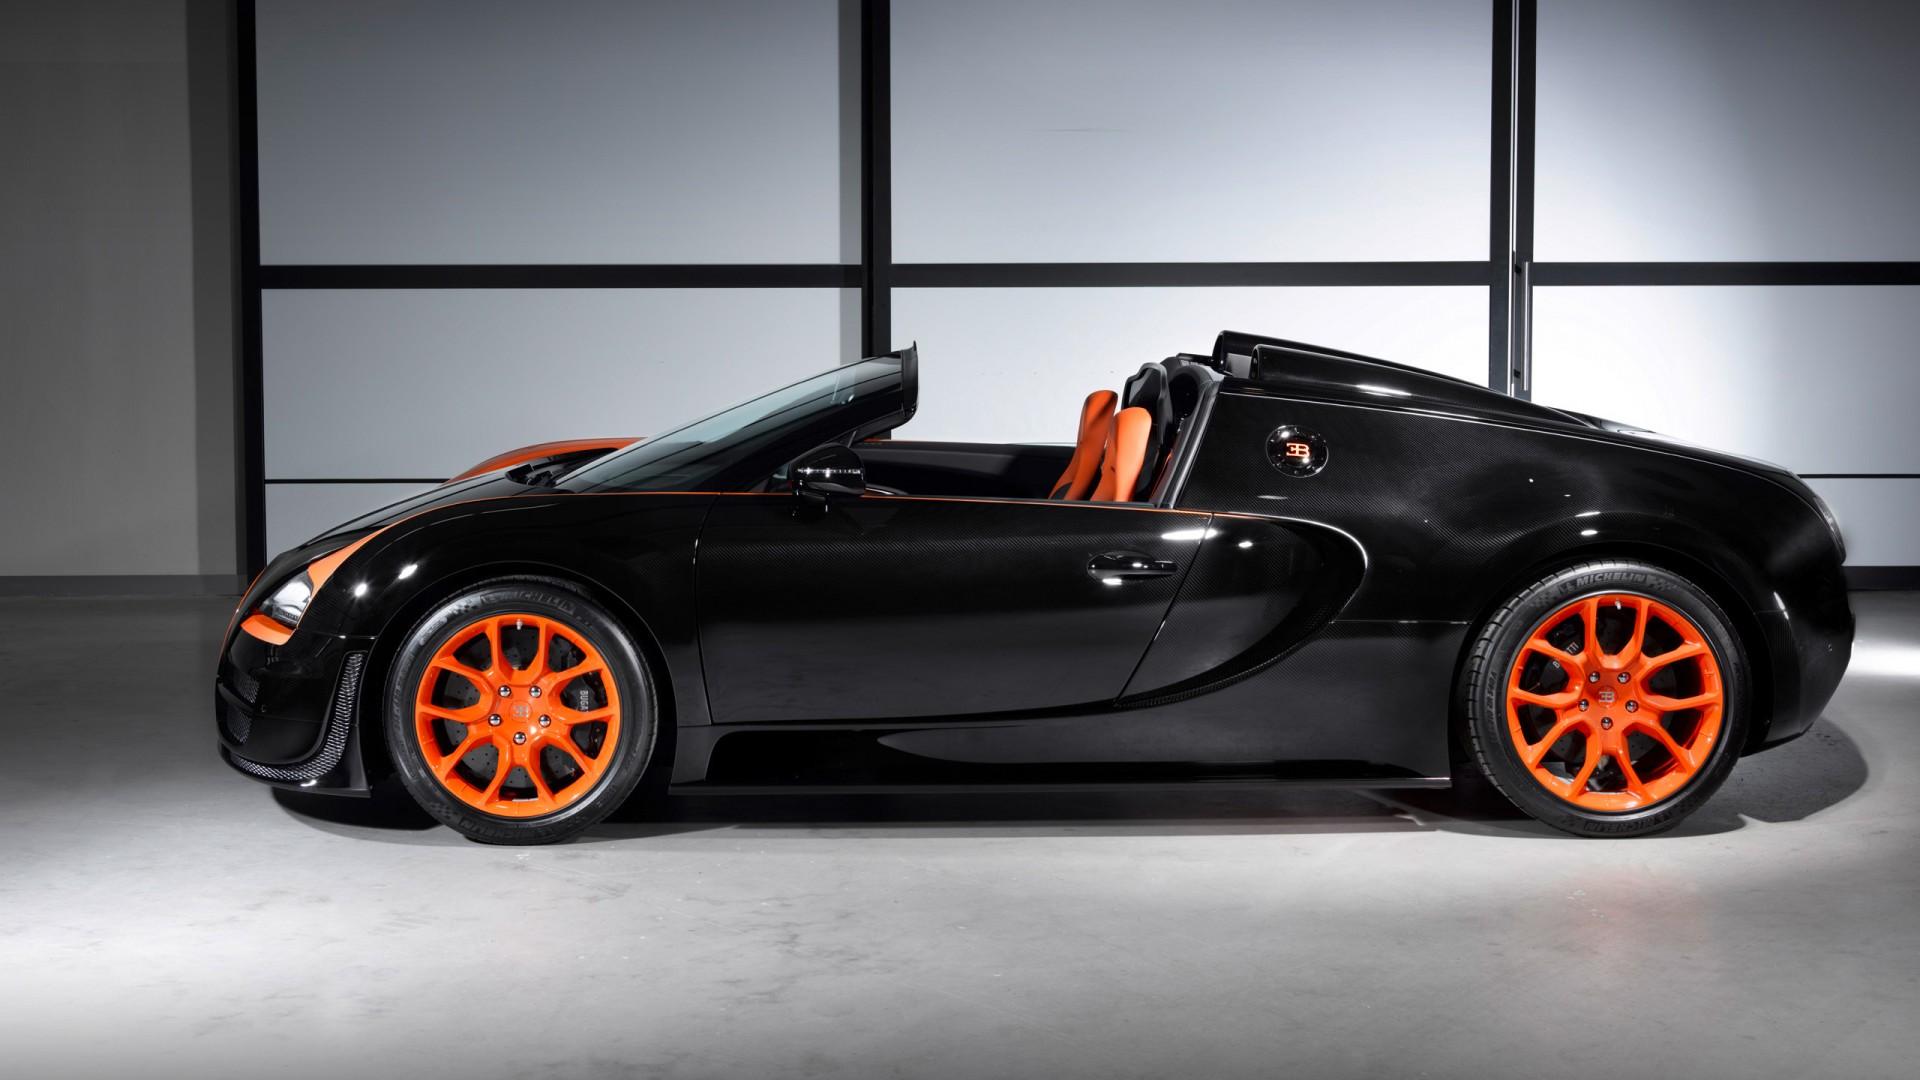 Bugatti Veyron Hd Wallpapers 2013 2013 Bugatti Veyron 16 4 Grand Sport Vitesse World Speed